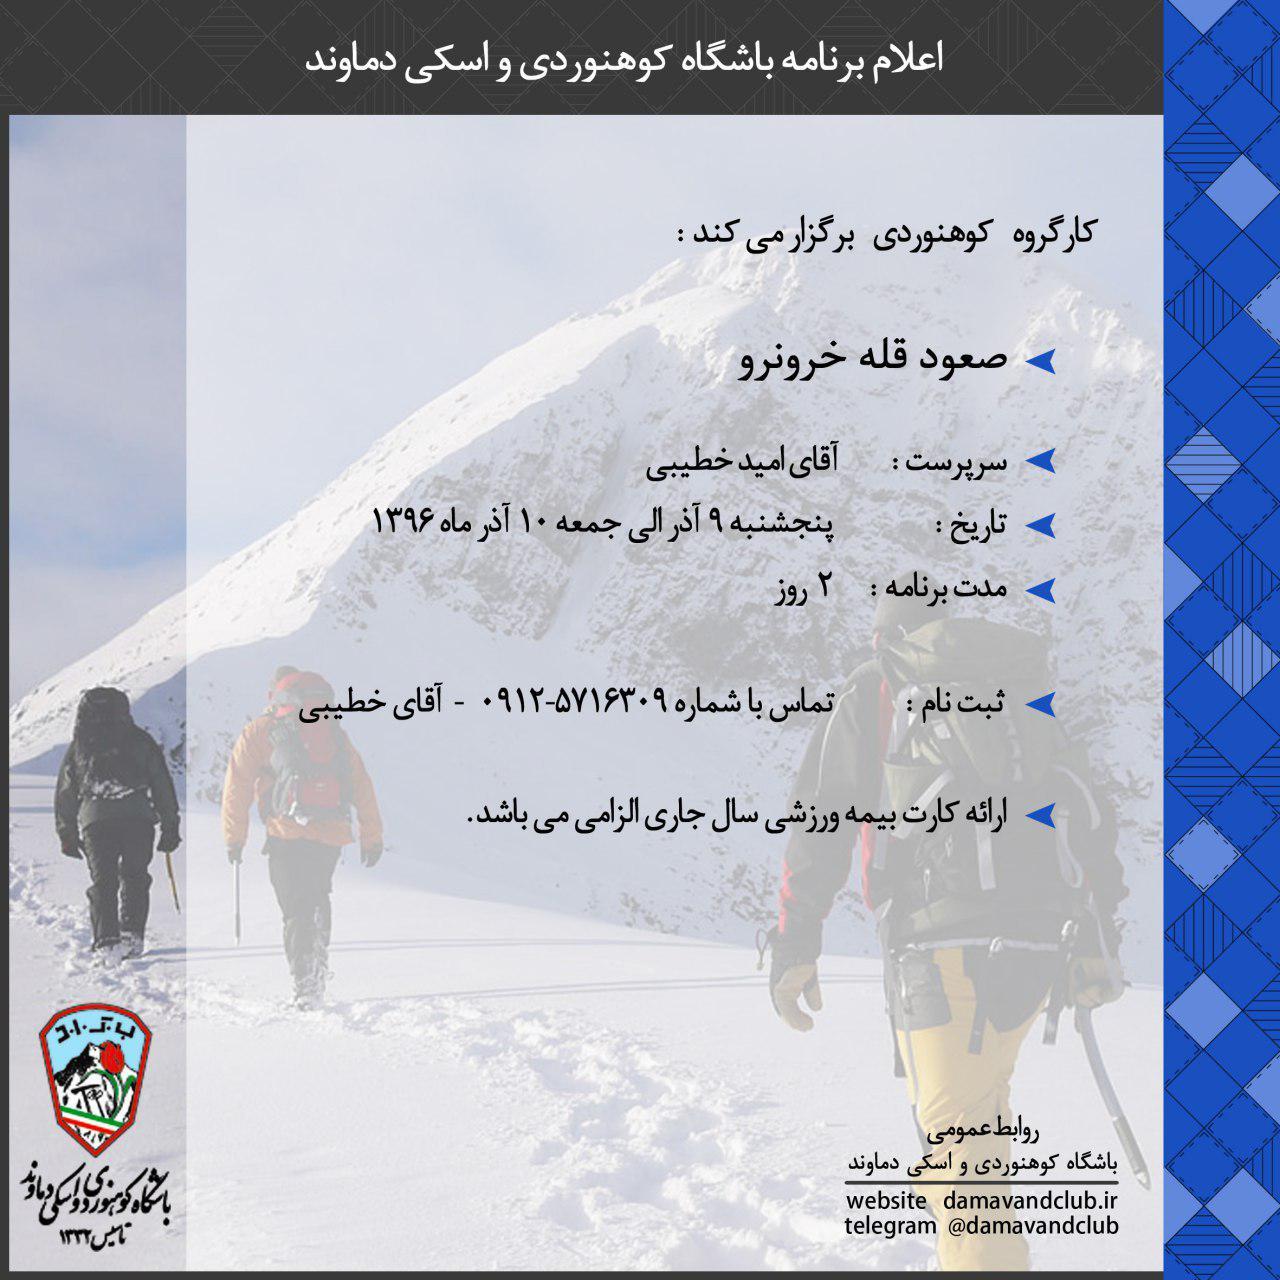 صعود قله خرونرو ۹ و ۱۰ آذر